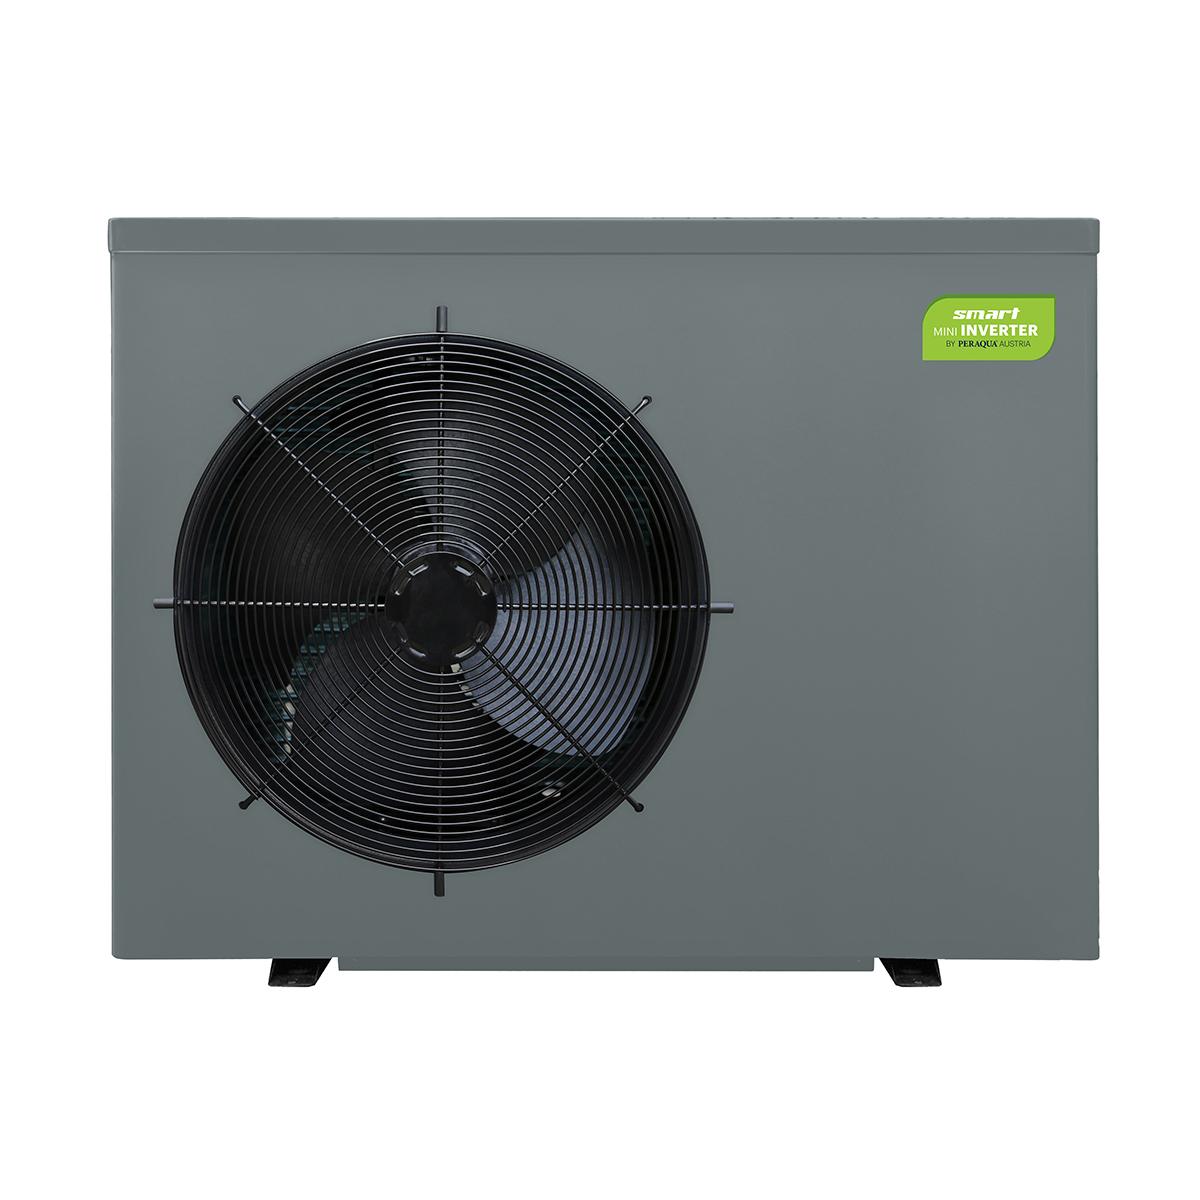 Smart ECO Inverter Wärmepumpe H+C 6,5kW, grau, Kältemittel R32 Smart ECO Inverter Wärmepumpe H+C 6,5kW, grau, Kältemittel R32